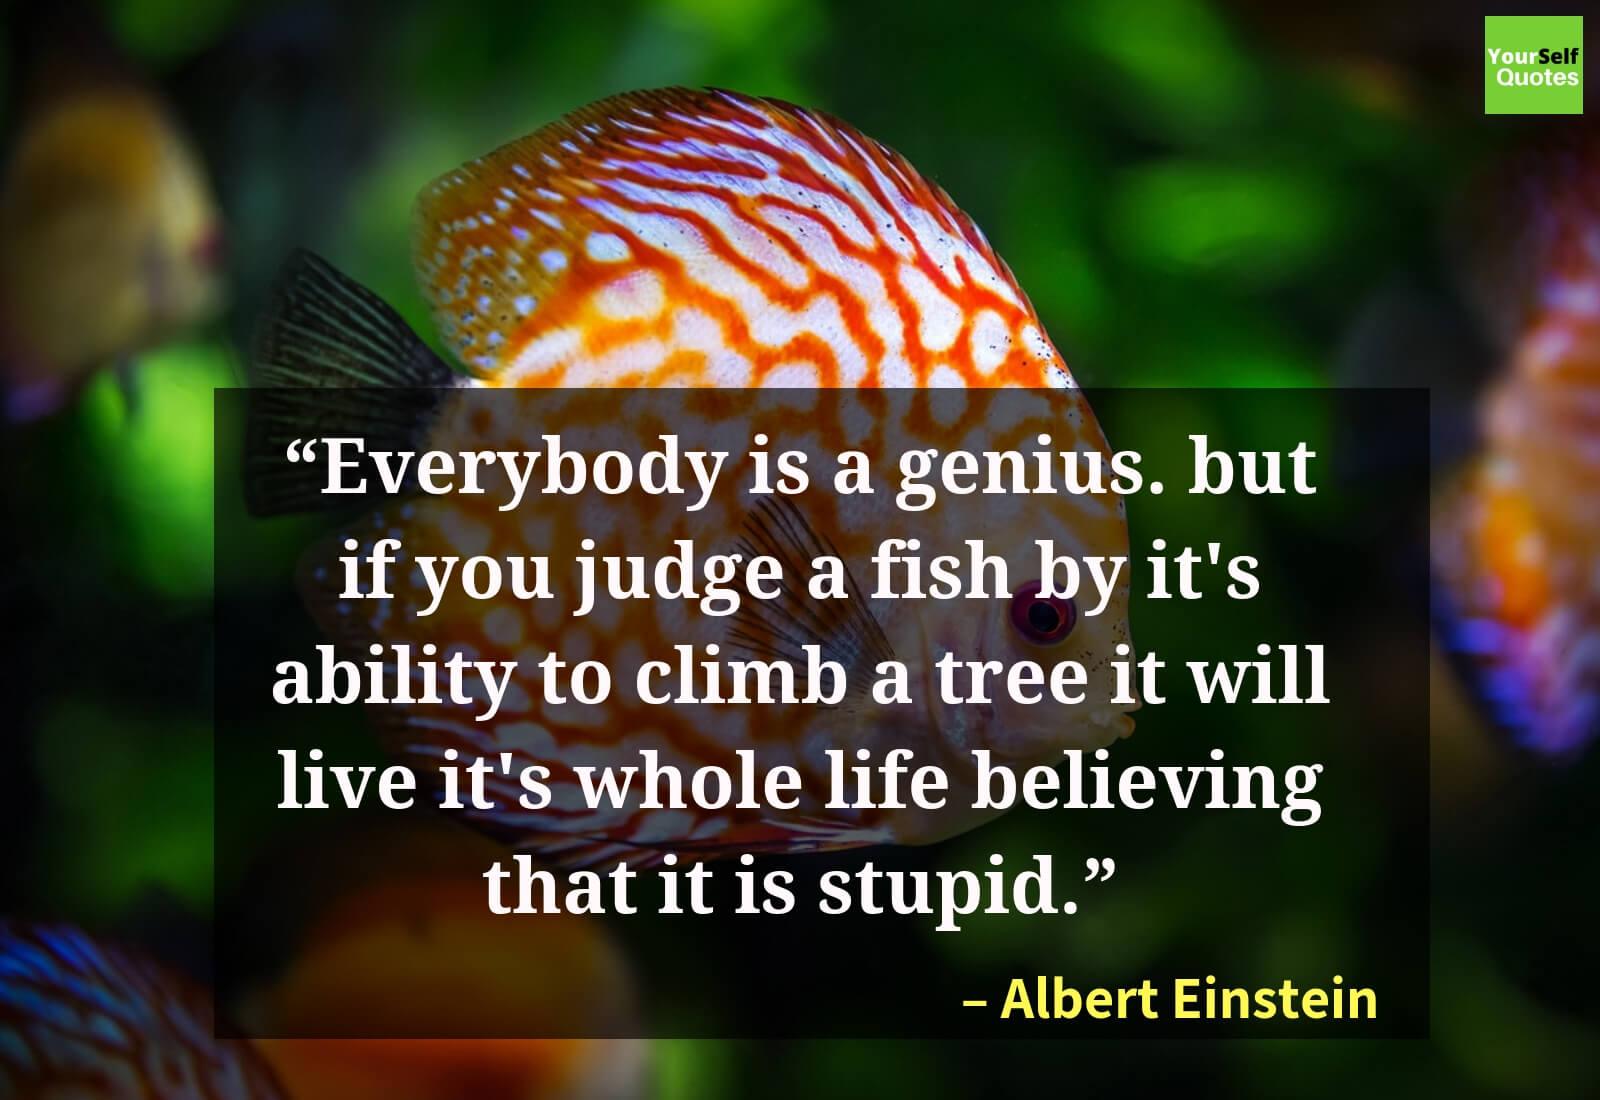 AlbertEinstein Quotes